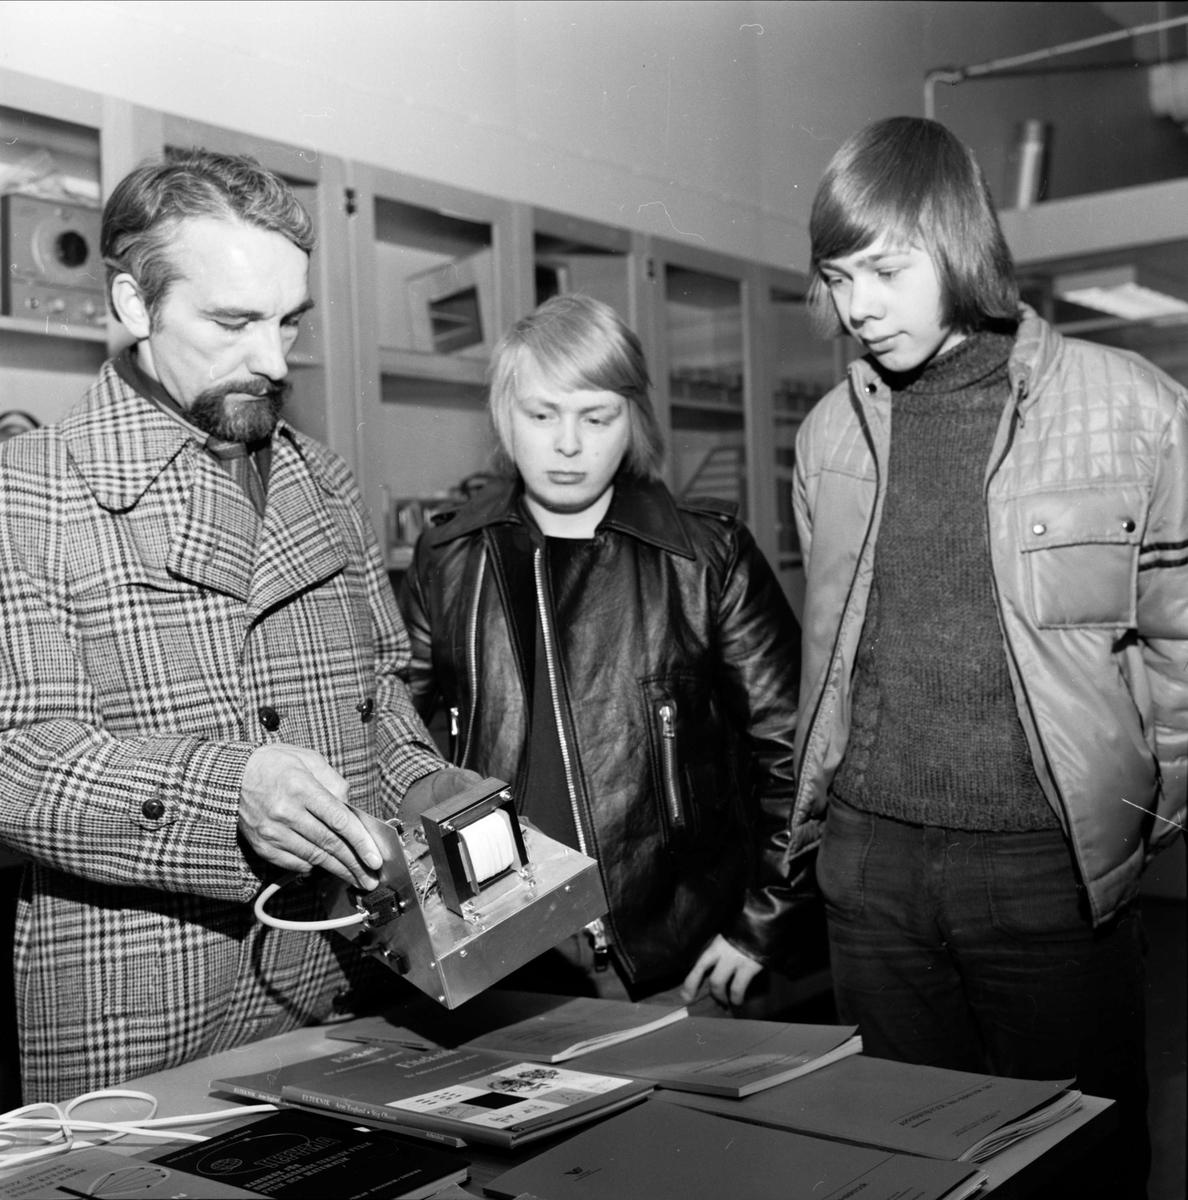 Gymnasieelever från Öland på Tierpsbesök, Tierp, Uppland februari 1973